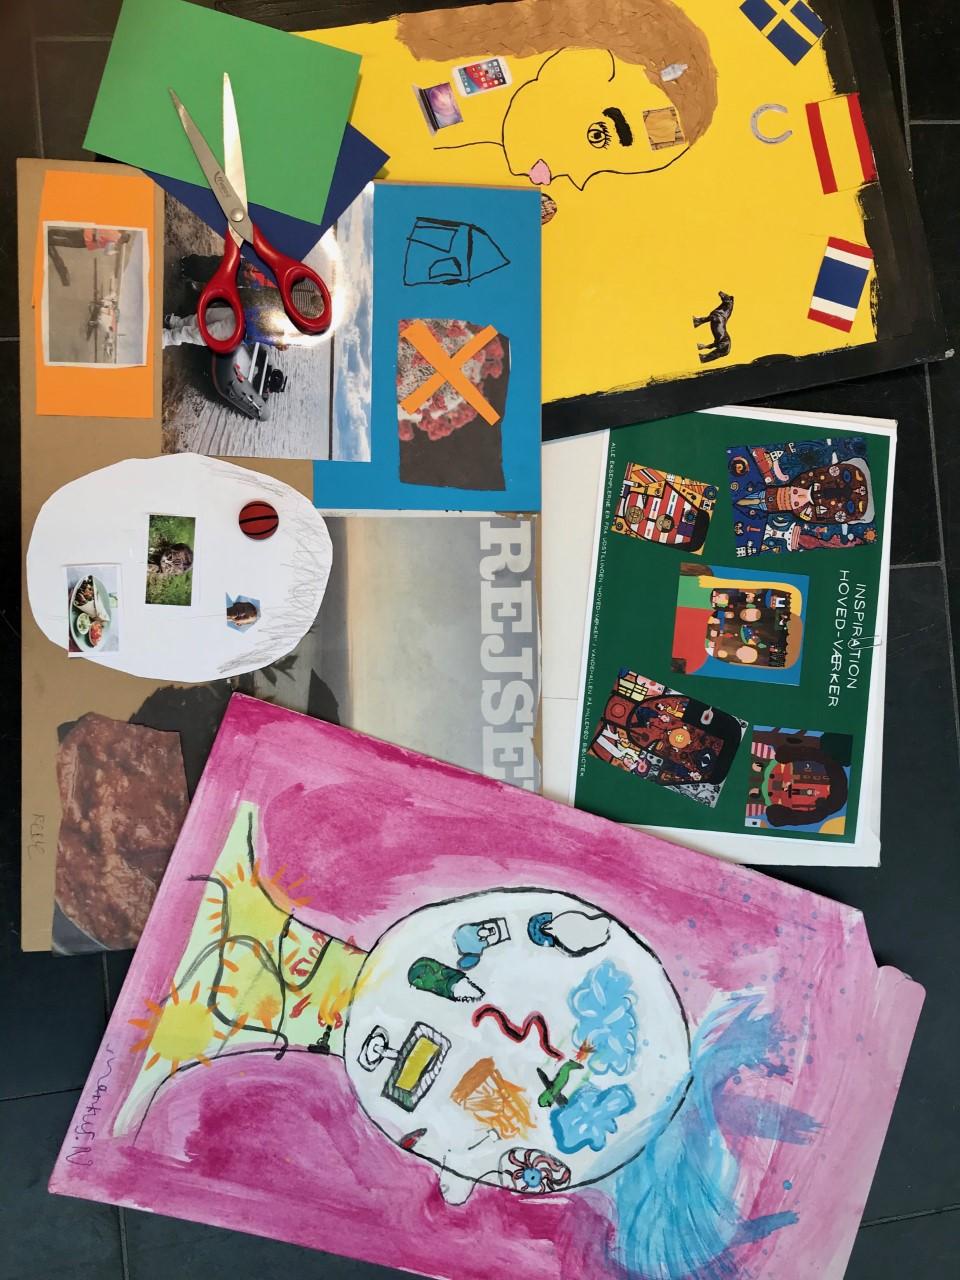 Kunst lavet af børn i forbindelse med online undervisning